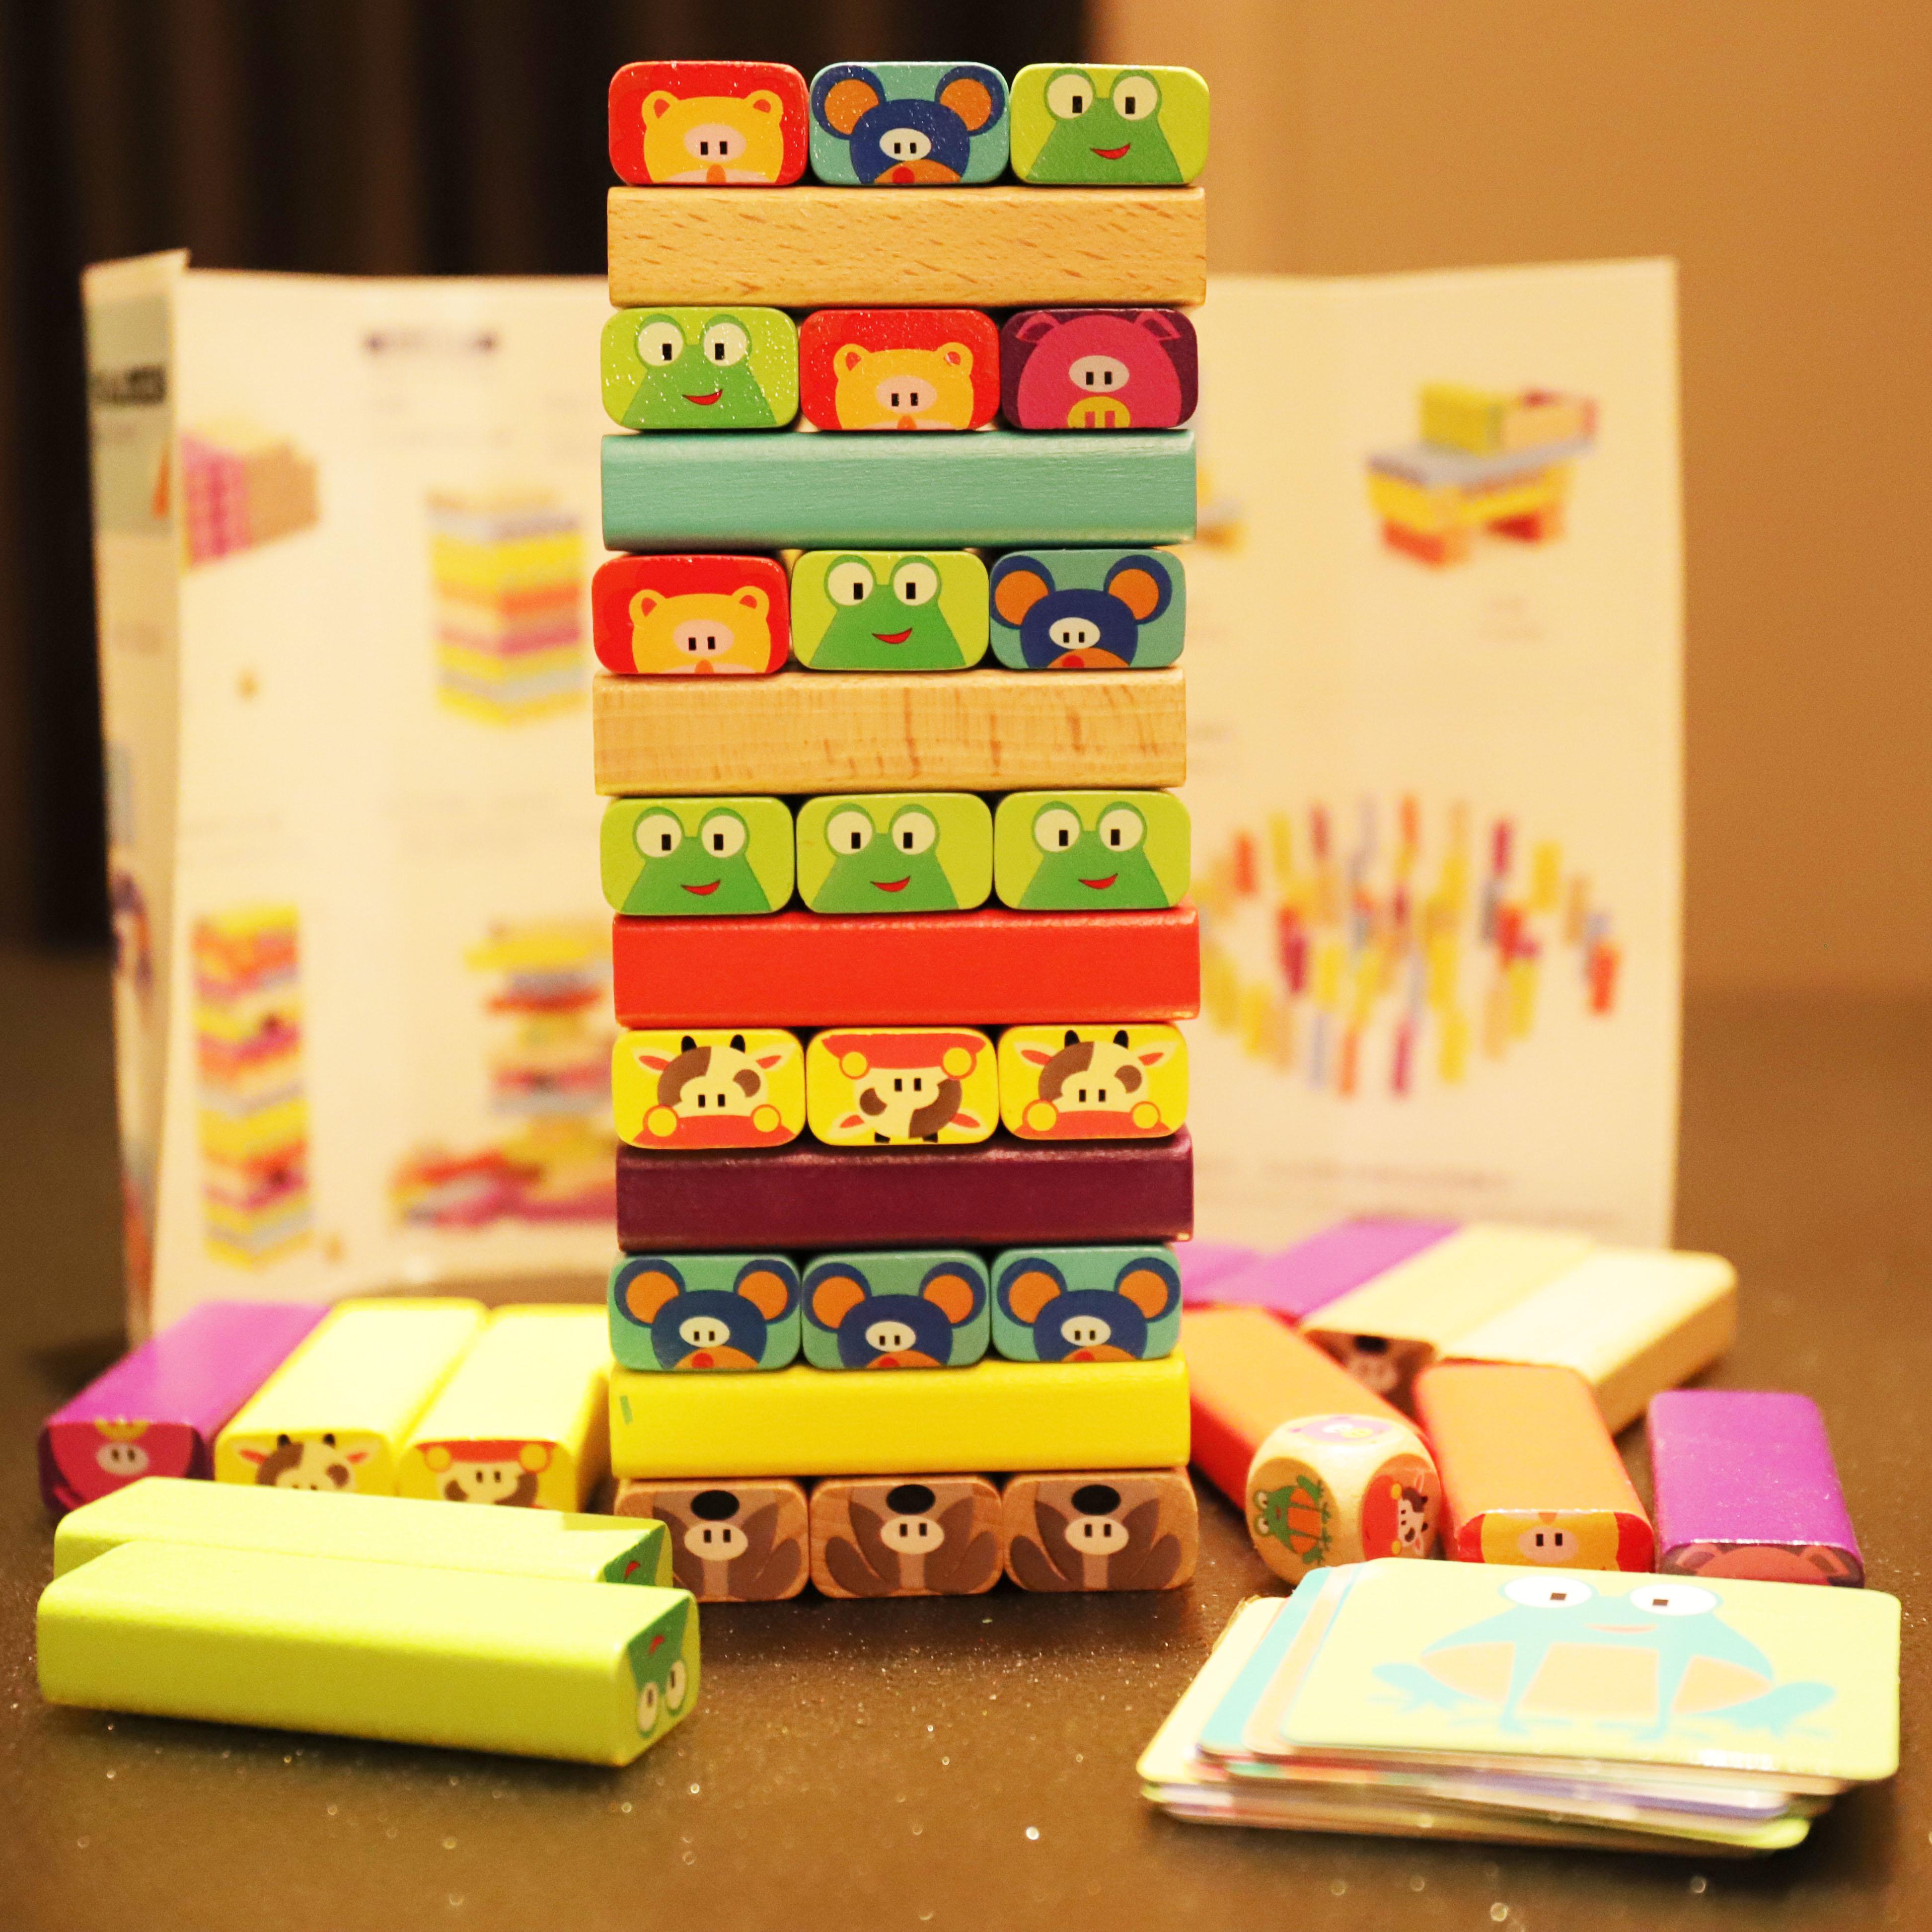 叠叠乐层层叠抽积木玩具 儿童益智叠叠高抽抽乐亲子互动桌面游戏